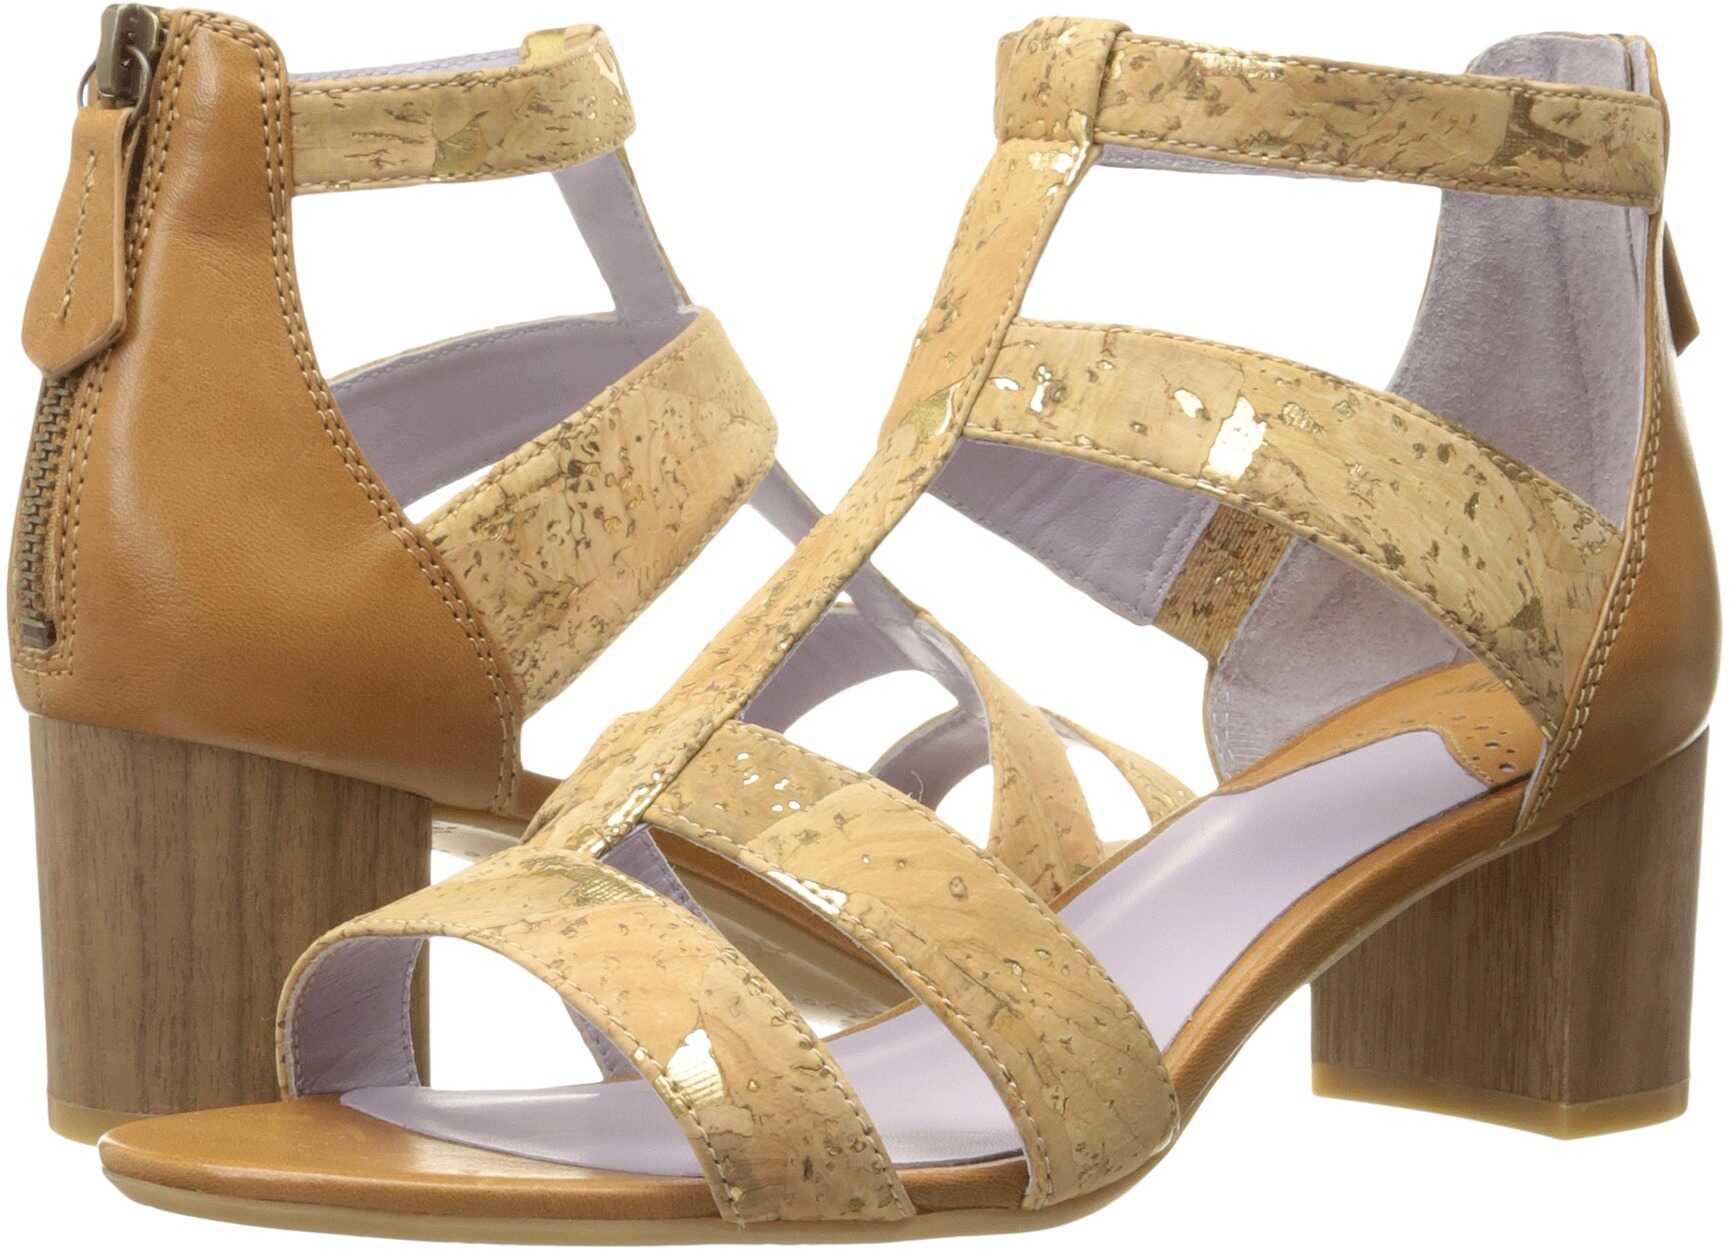 Johnston & Murphy Kallie Back Zip Sandal Natural Metallic Cork